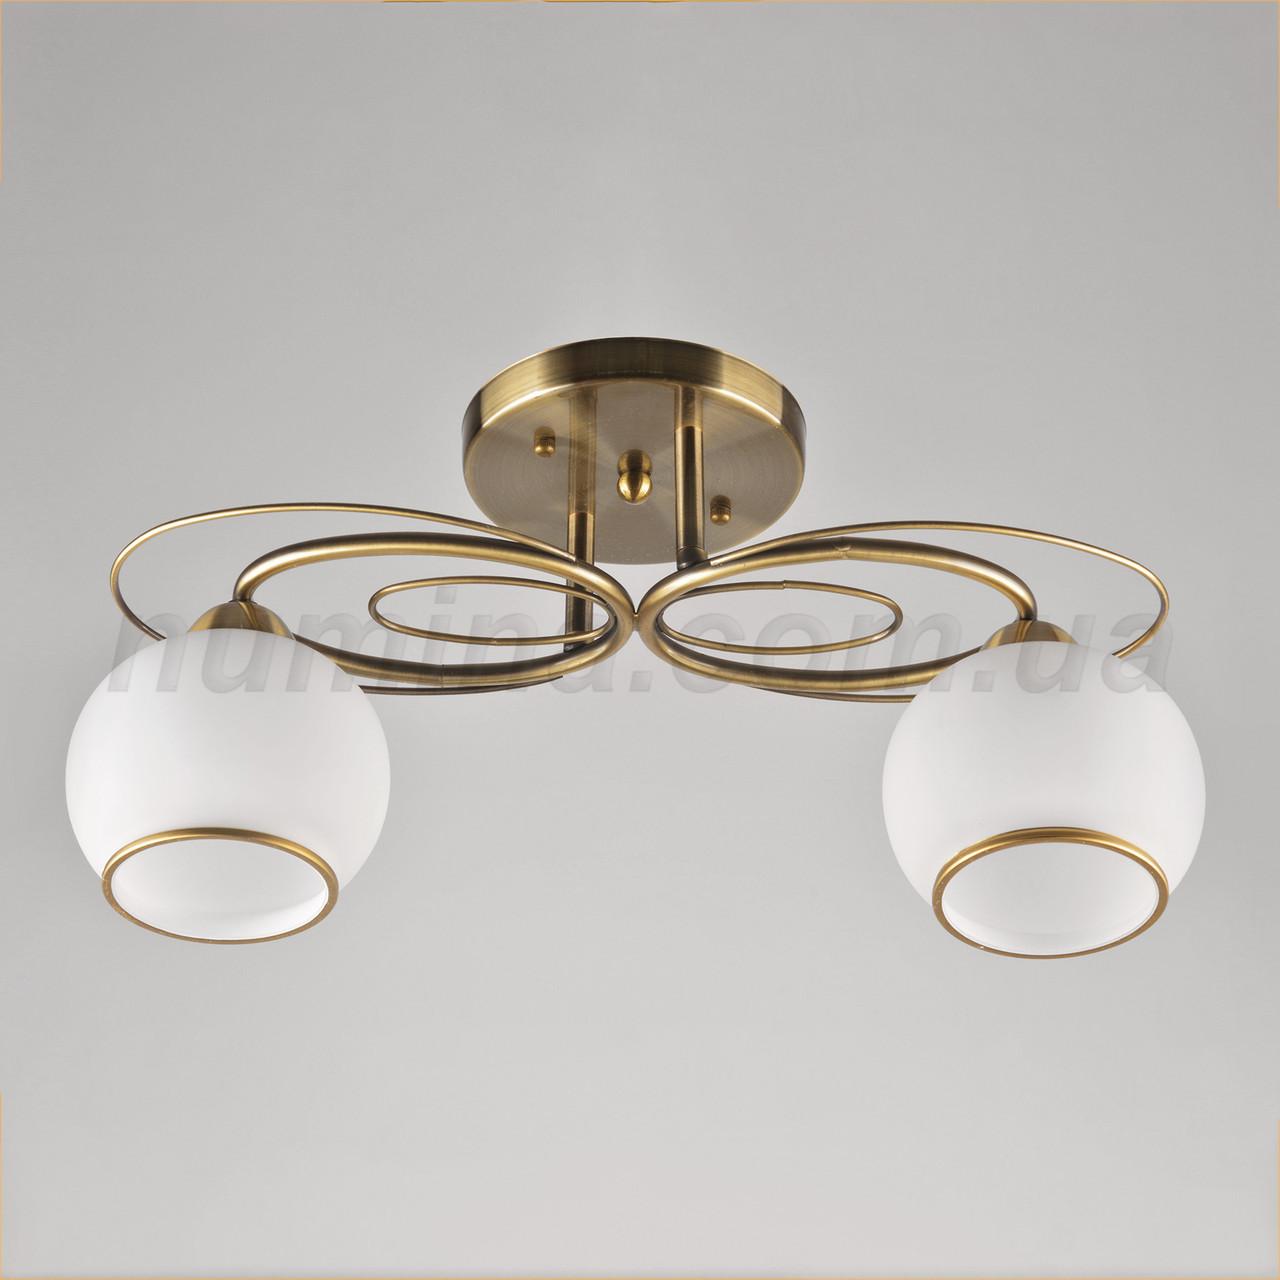 Люстра потолочная на две лампы 14-1209/2A AB